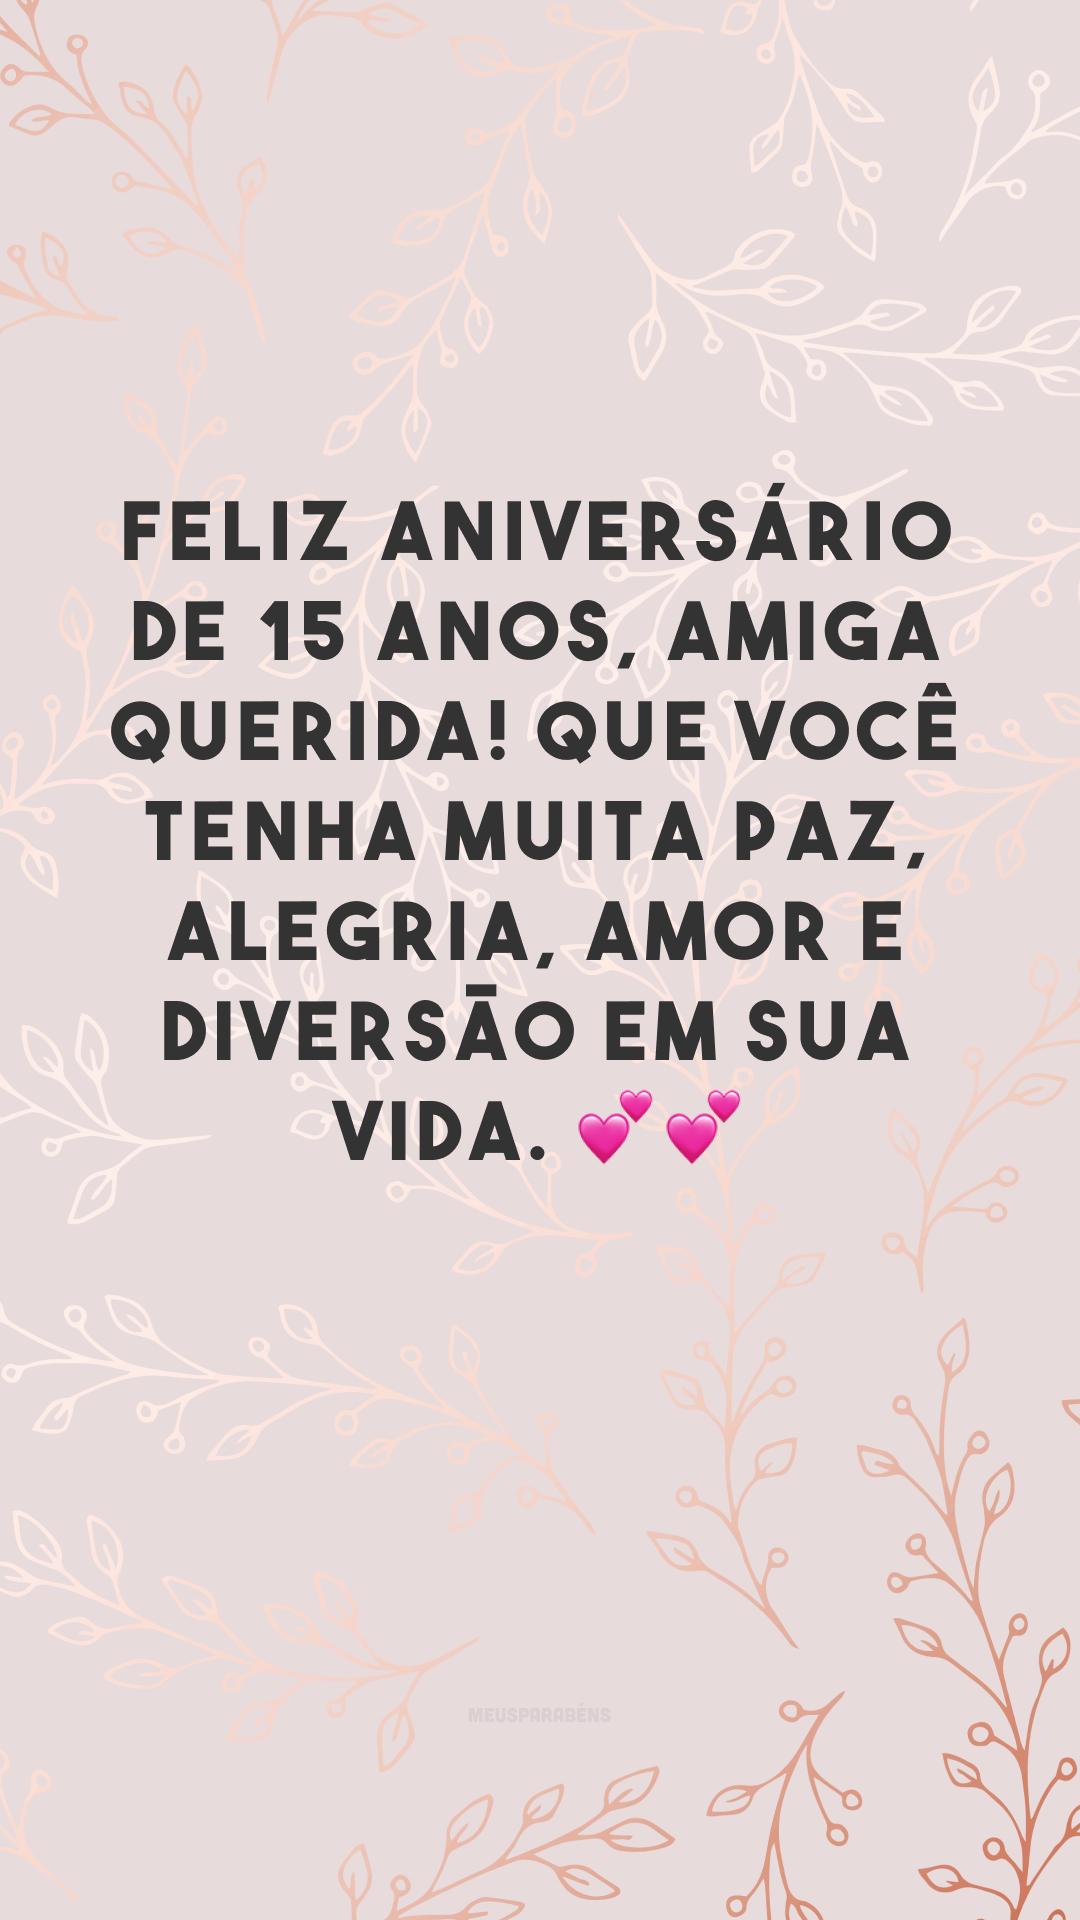 Feliz aniversário de 15 anos, amiga querida! Que você tenha muita paz, alegria, amor e diversão em sua vida. 💕💕